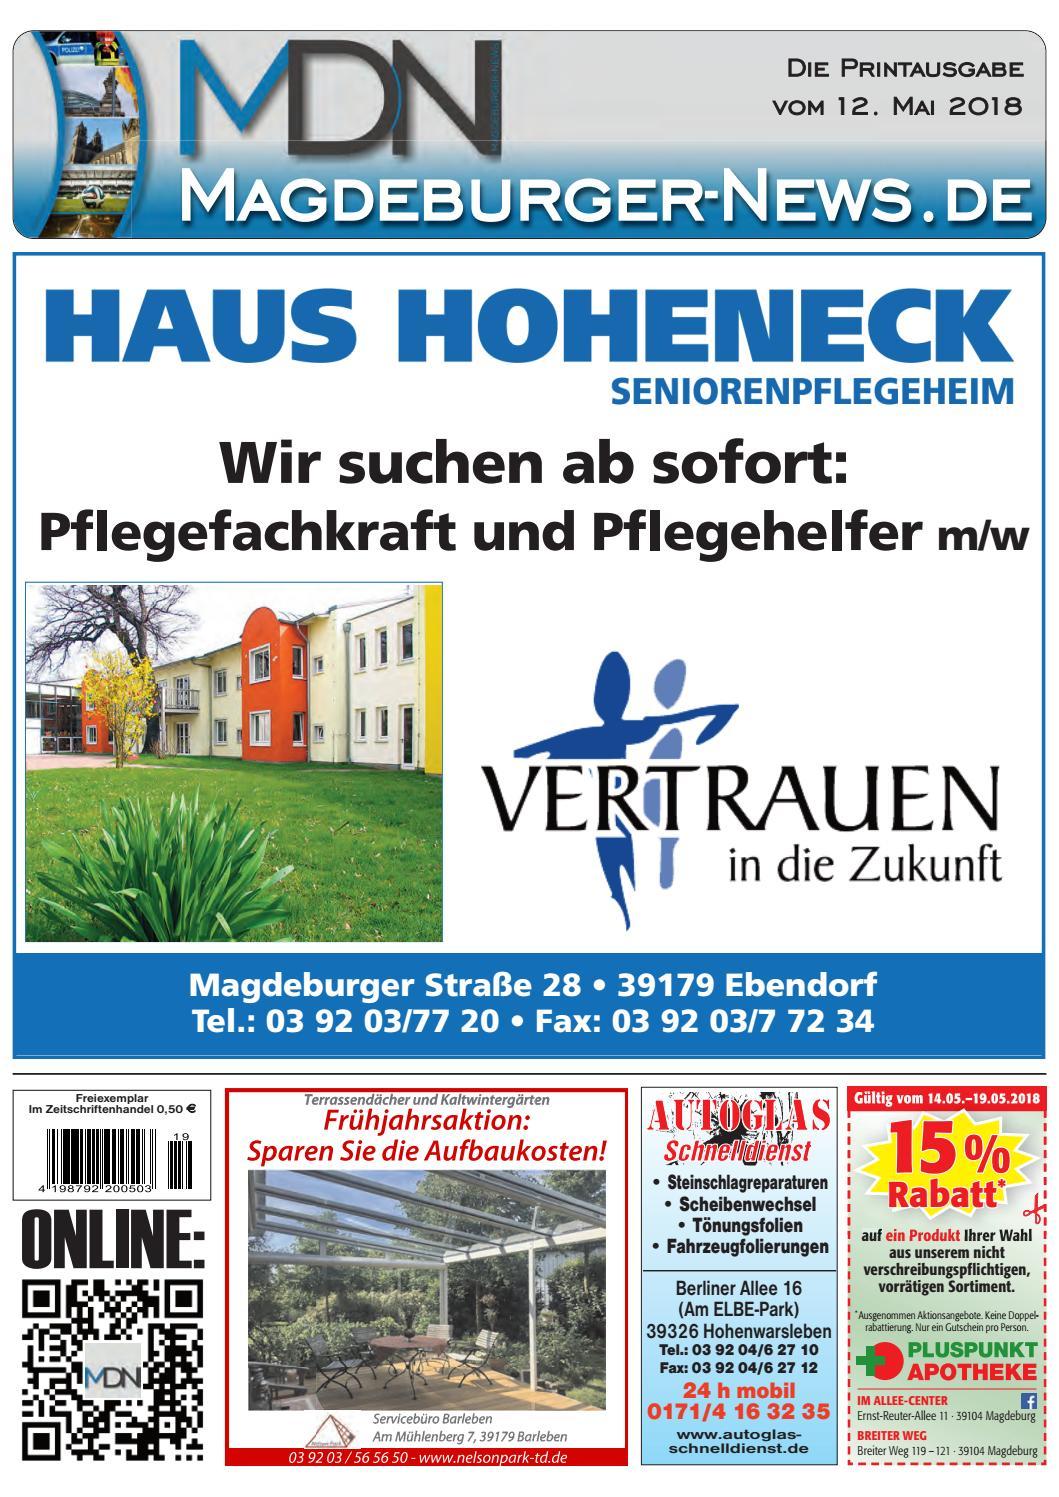 Allgemeine Kurzgeschichten Ferien Im Jenseits Willi Heinrich ZuverläSsige Leistung